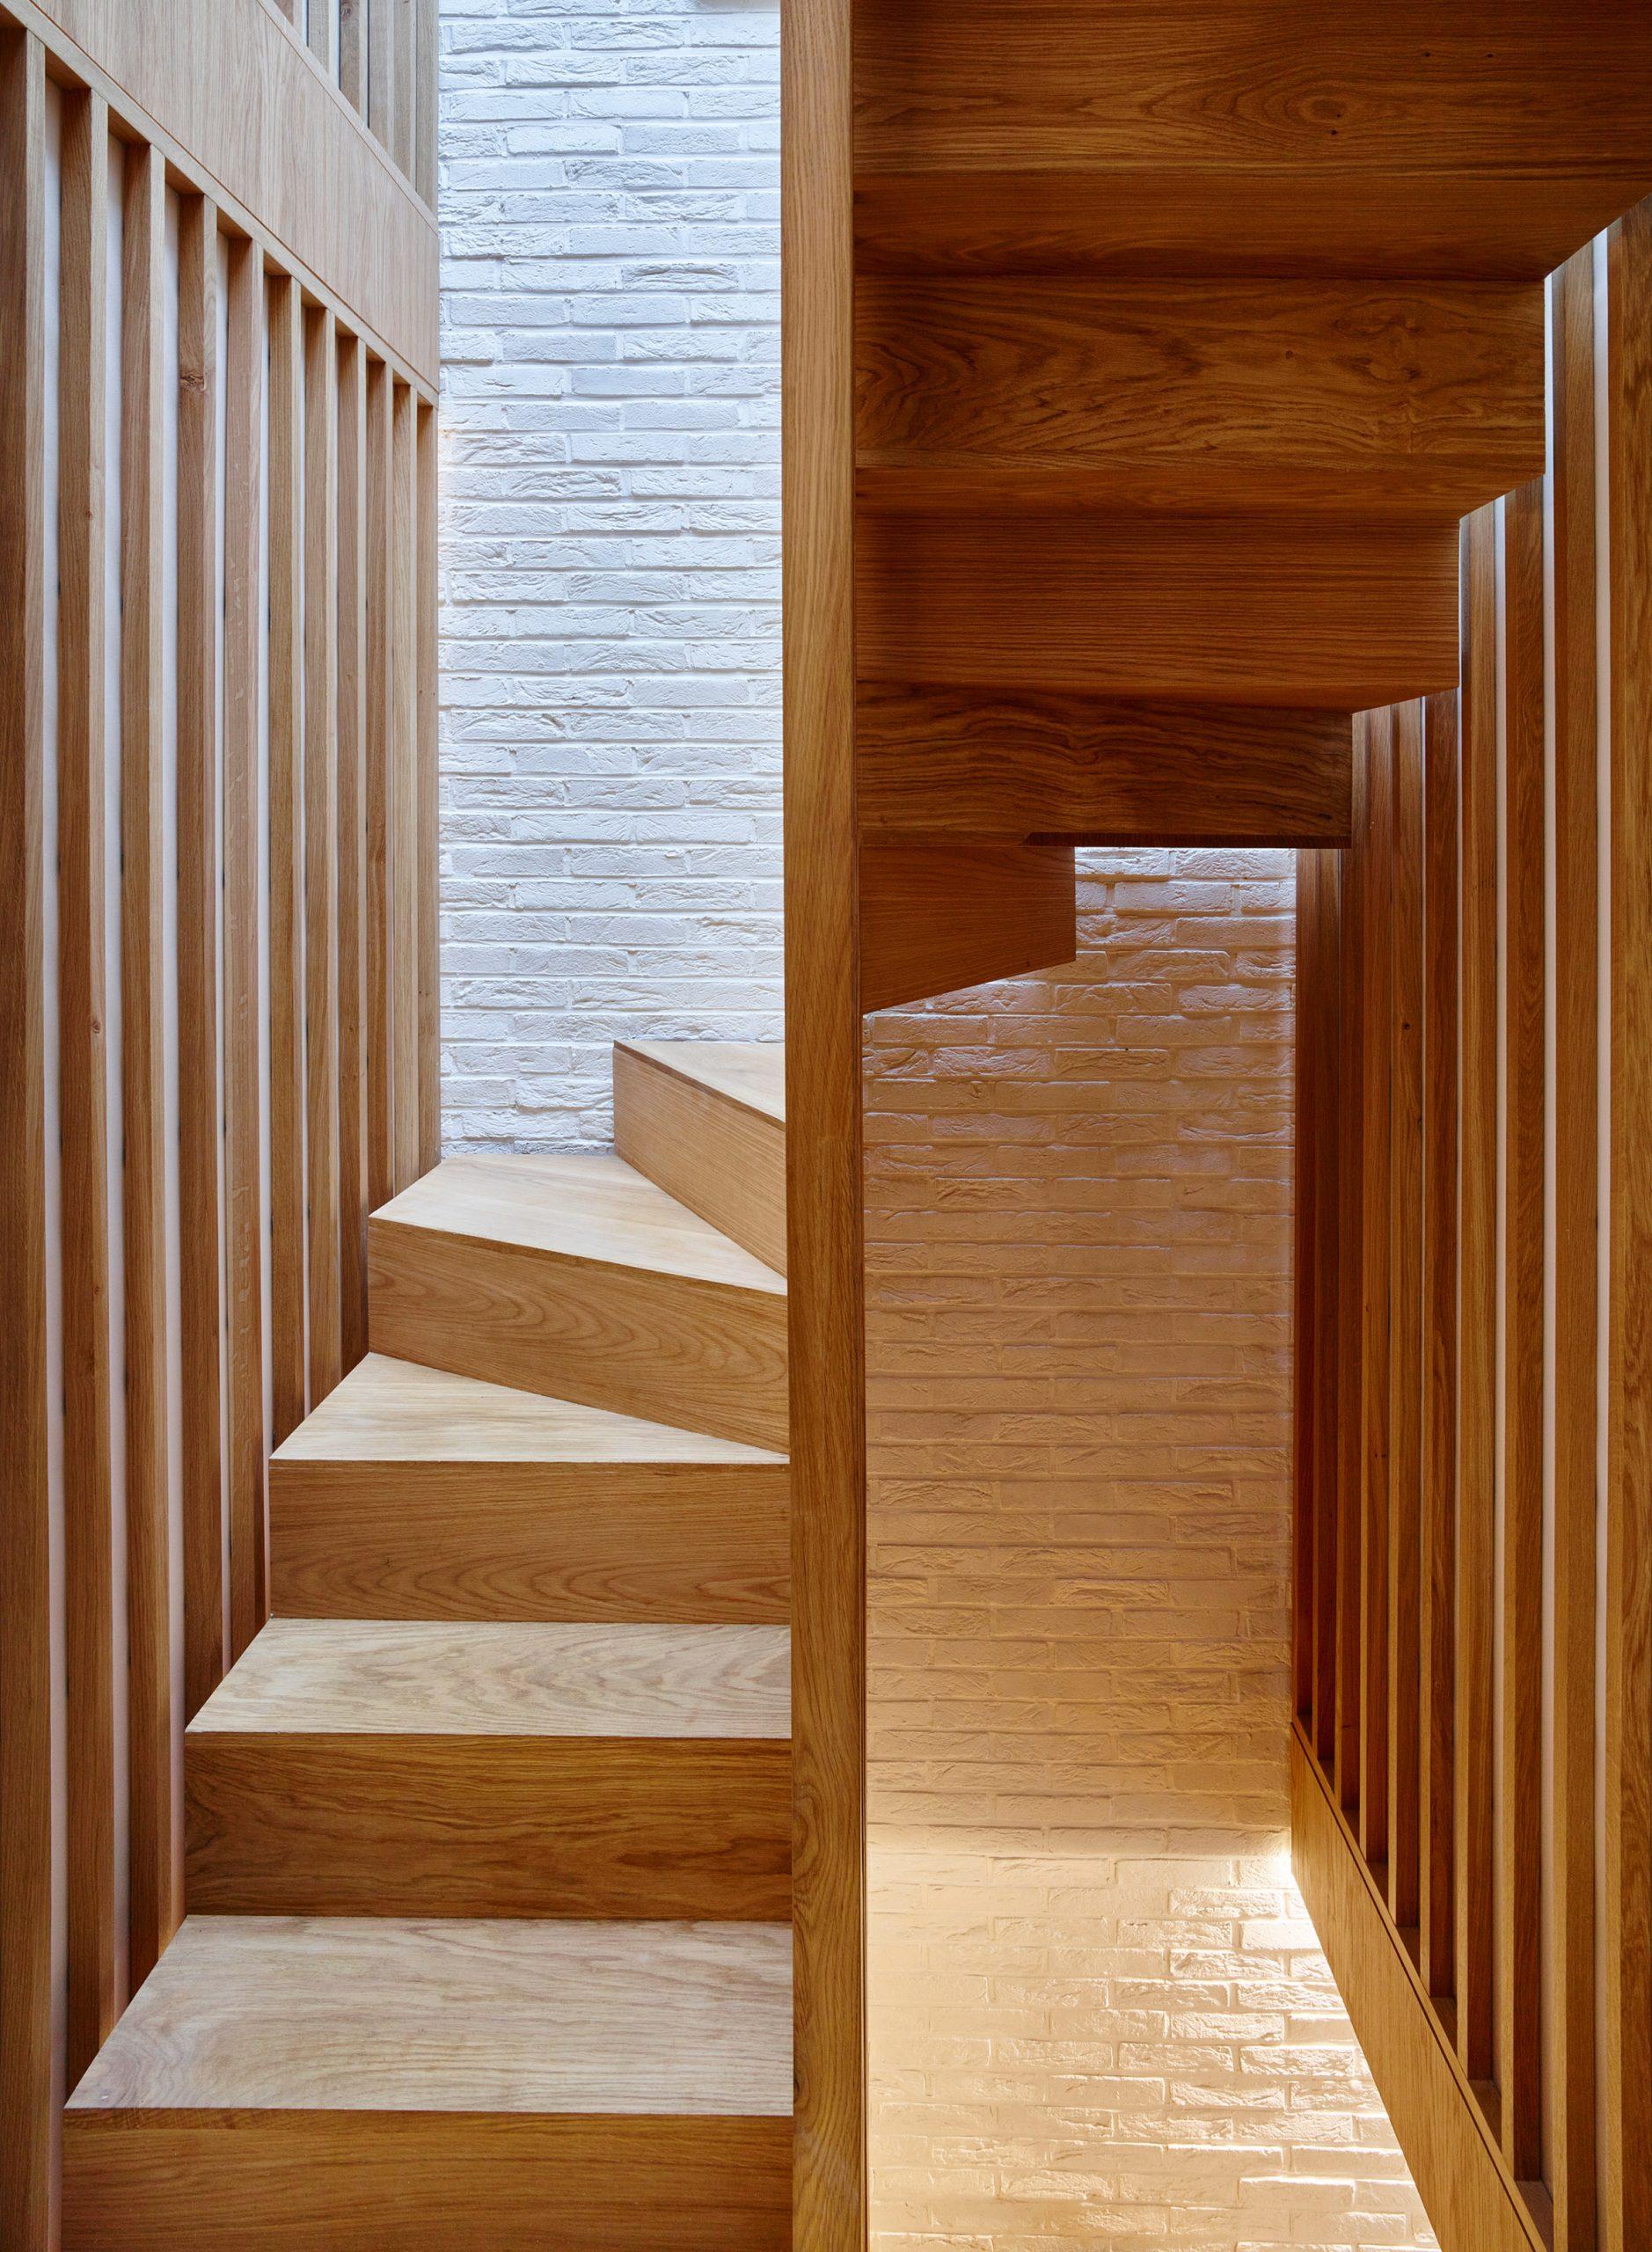 Thiết kế nhà gỗ hiện đại 6